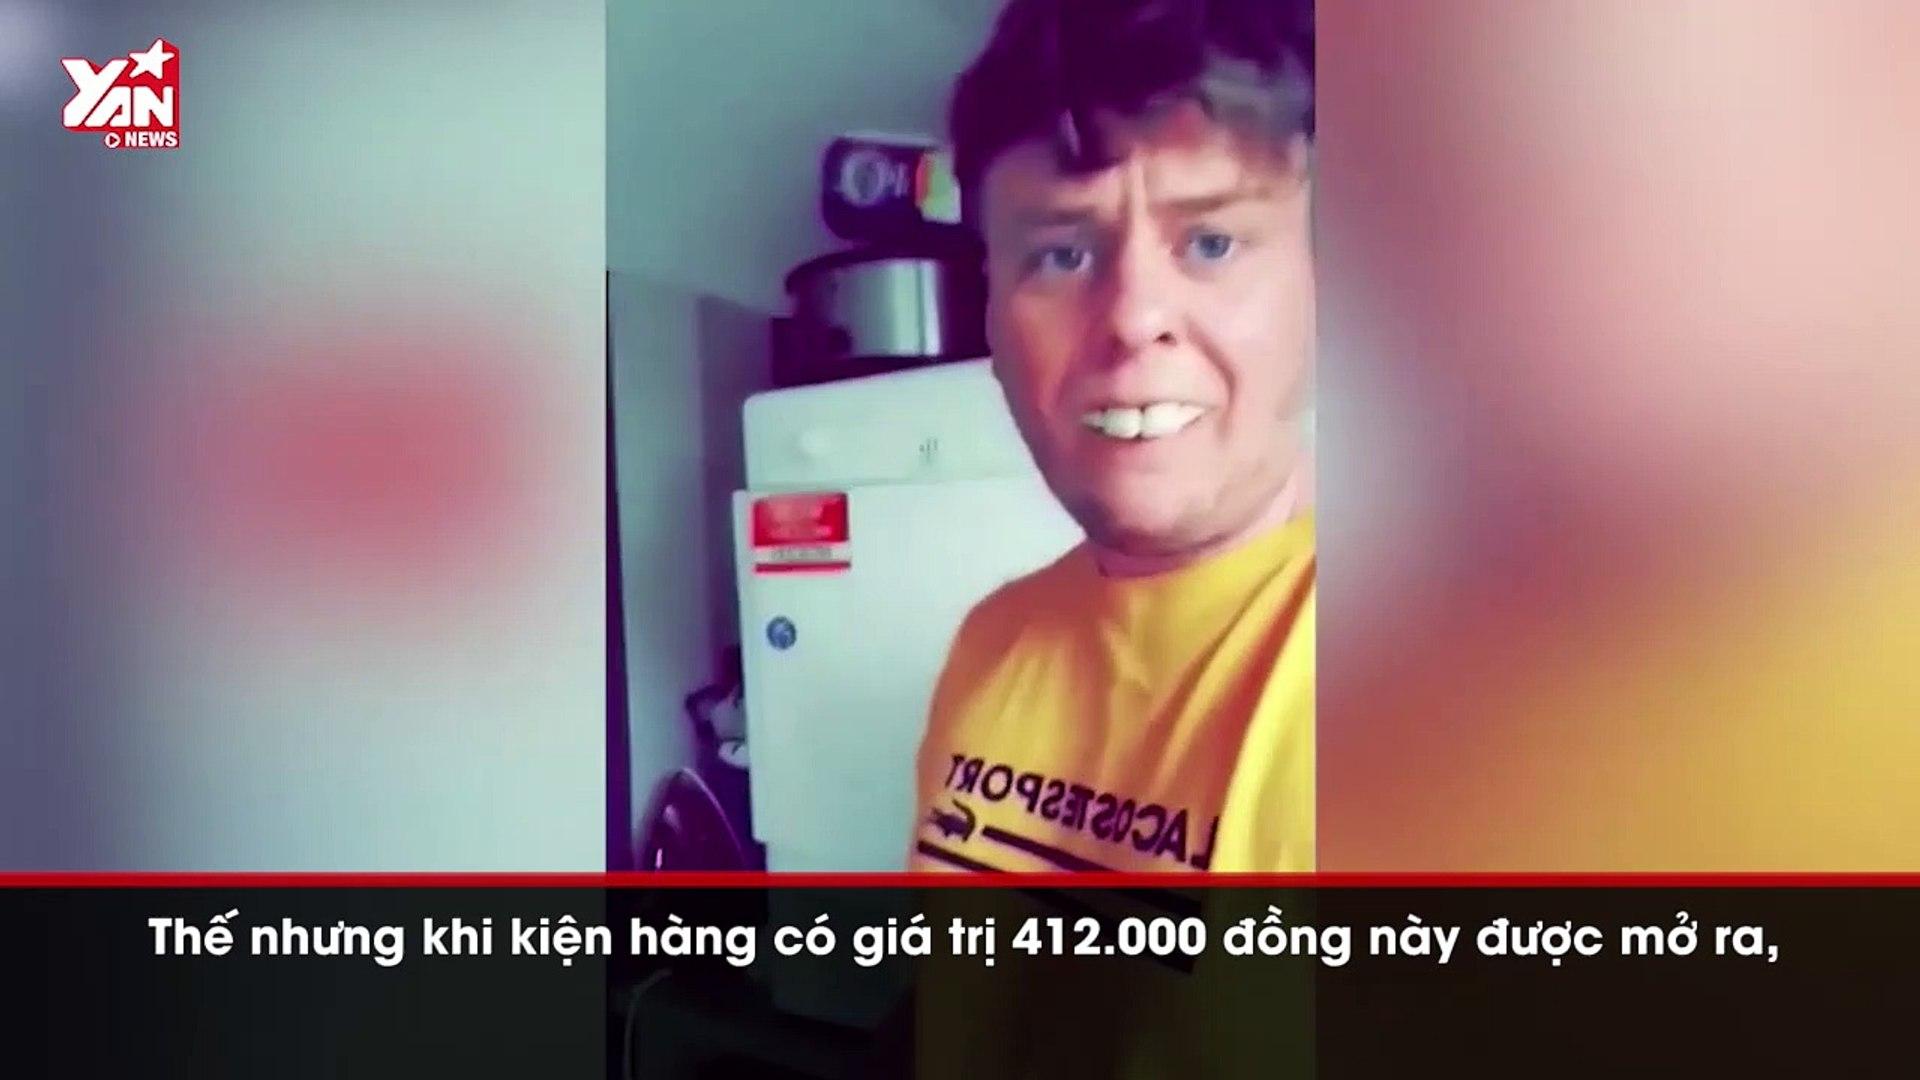 Anh chàng mua bộ răng giả trên mạng để hoàn tất vẻ đẹp trai và cái kết không thể hài hơn